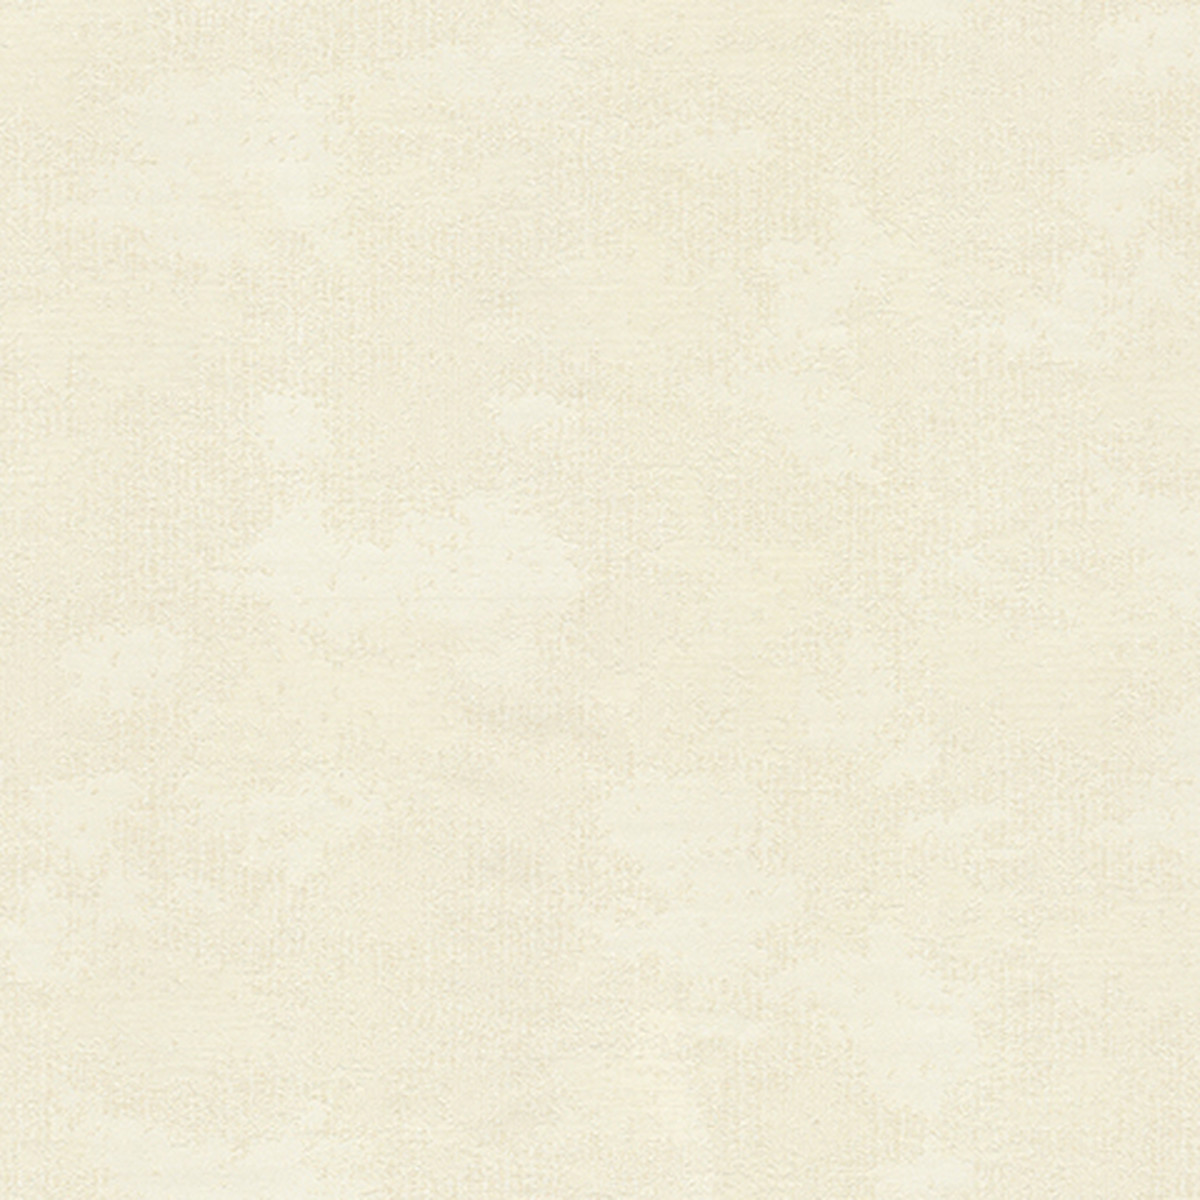 Обои флизелиновые С.Л.Г. желтые 1.06 м 1-0467